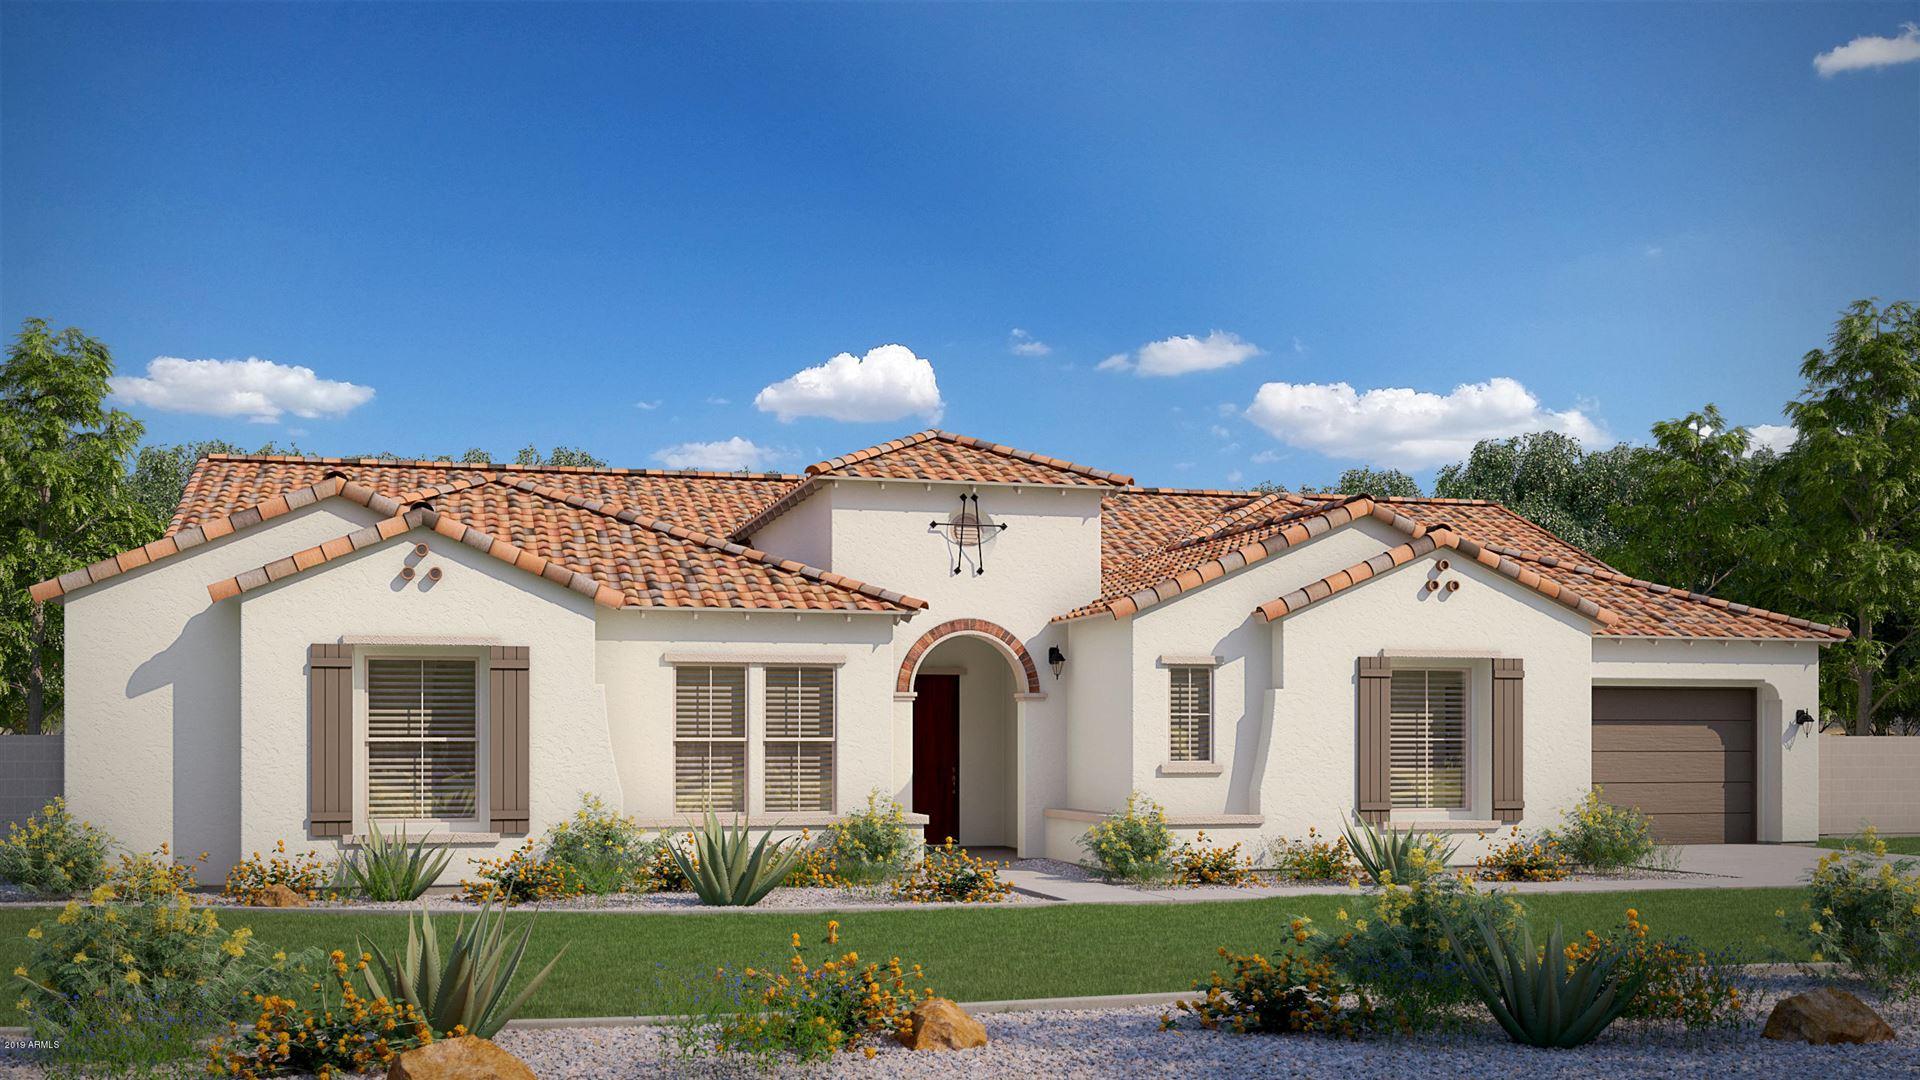 12931 W MARLETTE Avenue, Litchfield Park, AZ 85340 - #: 5905675